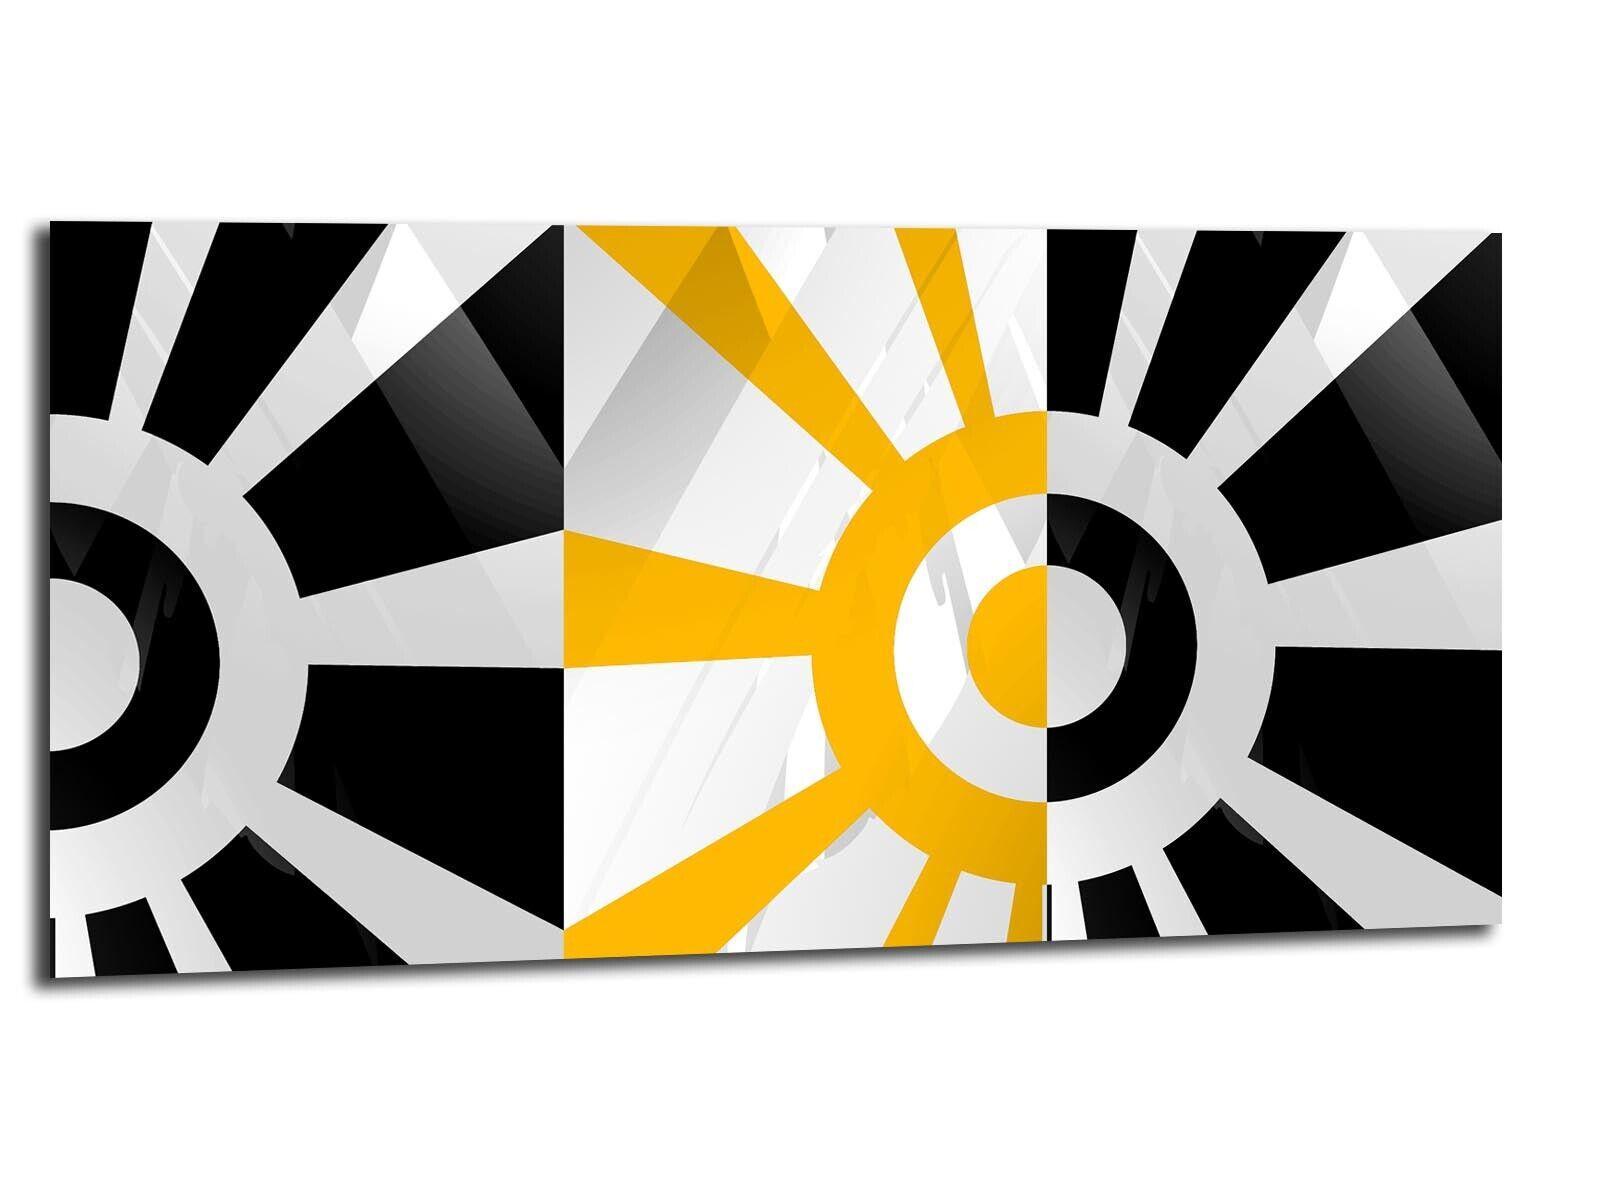 Alu-Dibond Bild ALU100501444 SONNE DESIGN GELB 100 x 50 cm Wandbild ABSTRAKT